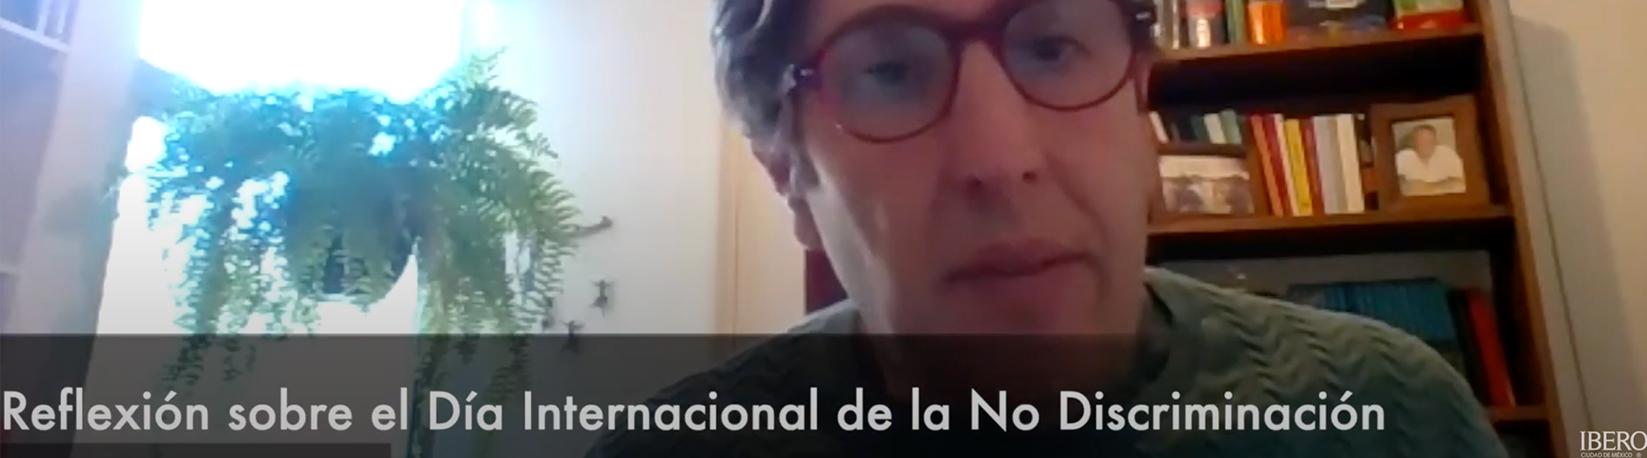 Racismo epistemológico limita nuestro acceso al conocimiento: Dr. Stefano Sartorello